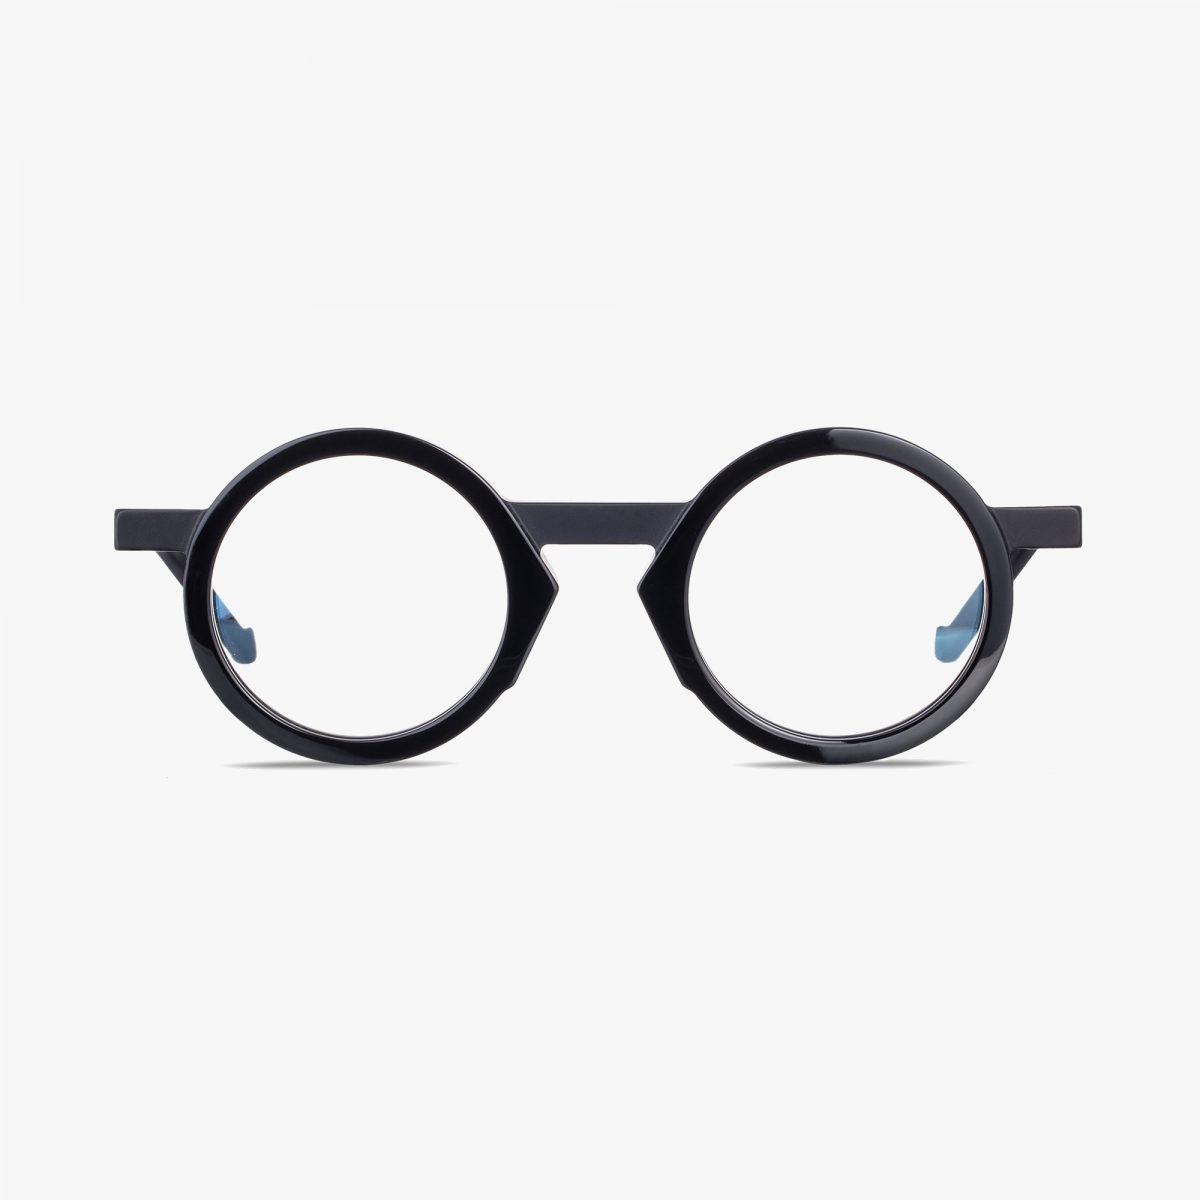 vava wl0039 black online shop optical frame